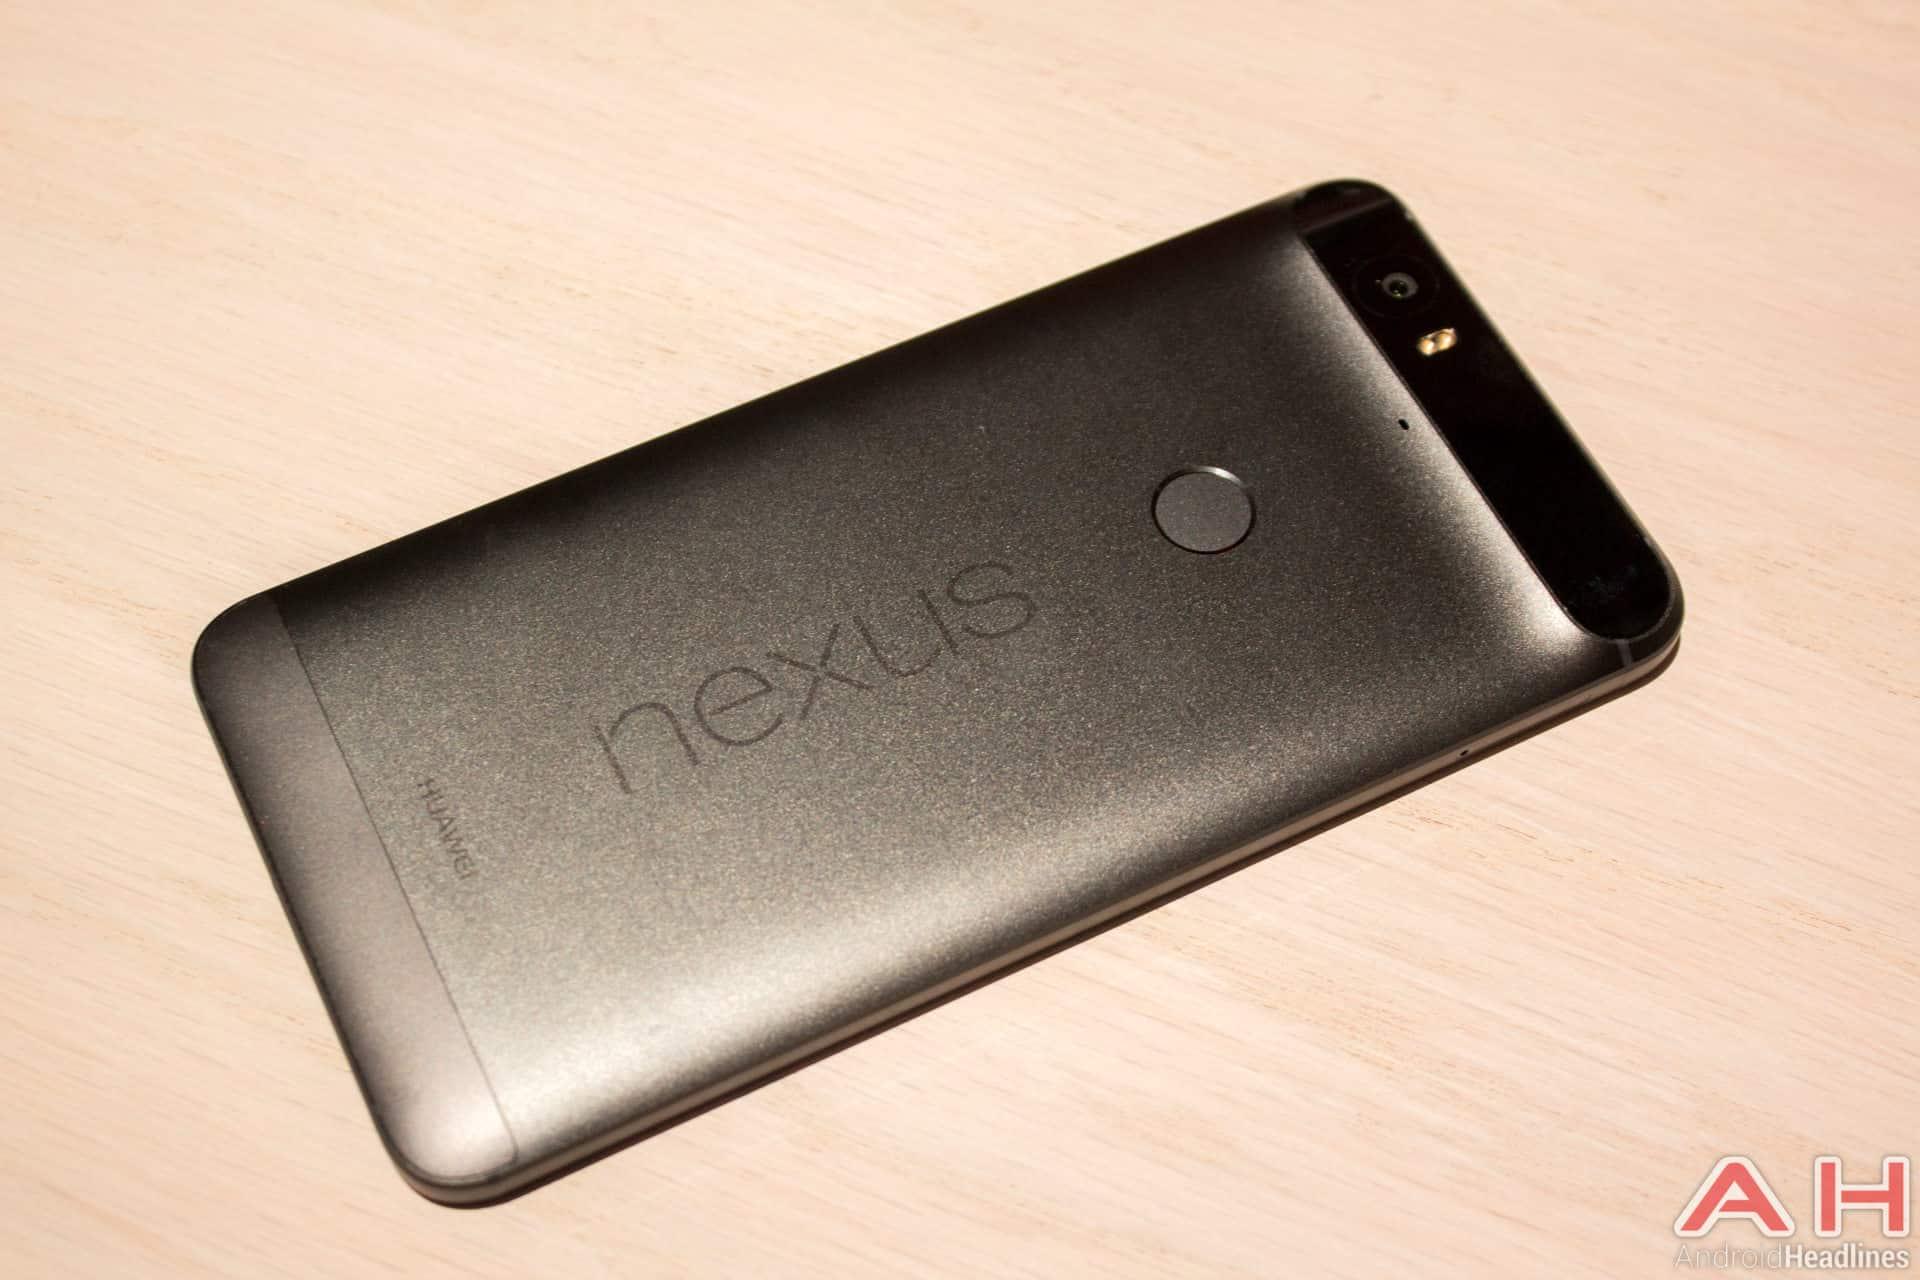 Nexus 6P Hands ON AH 2